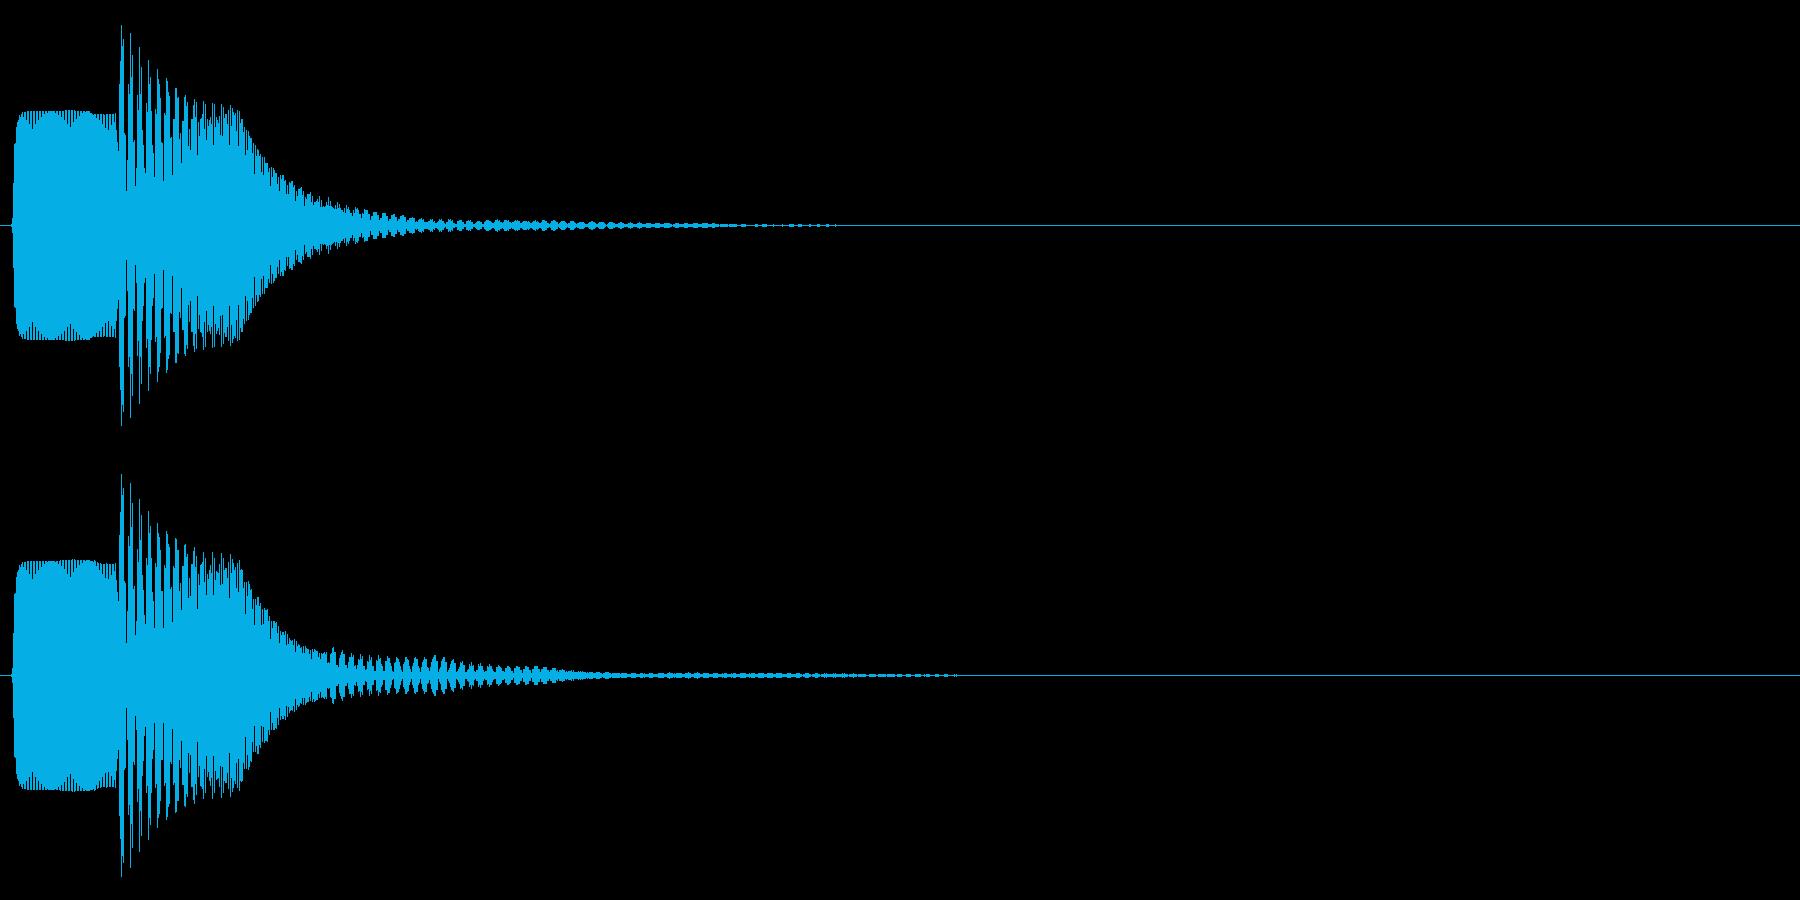 ピコン(キャンセル,終了,停止)_01の再生済みの波形